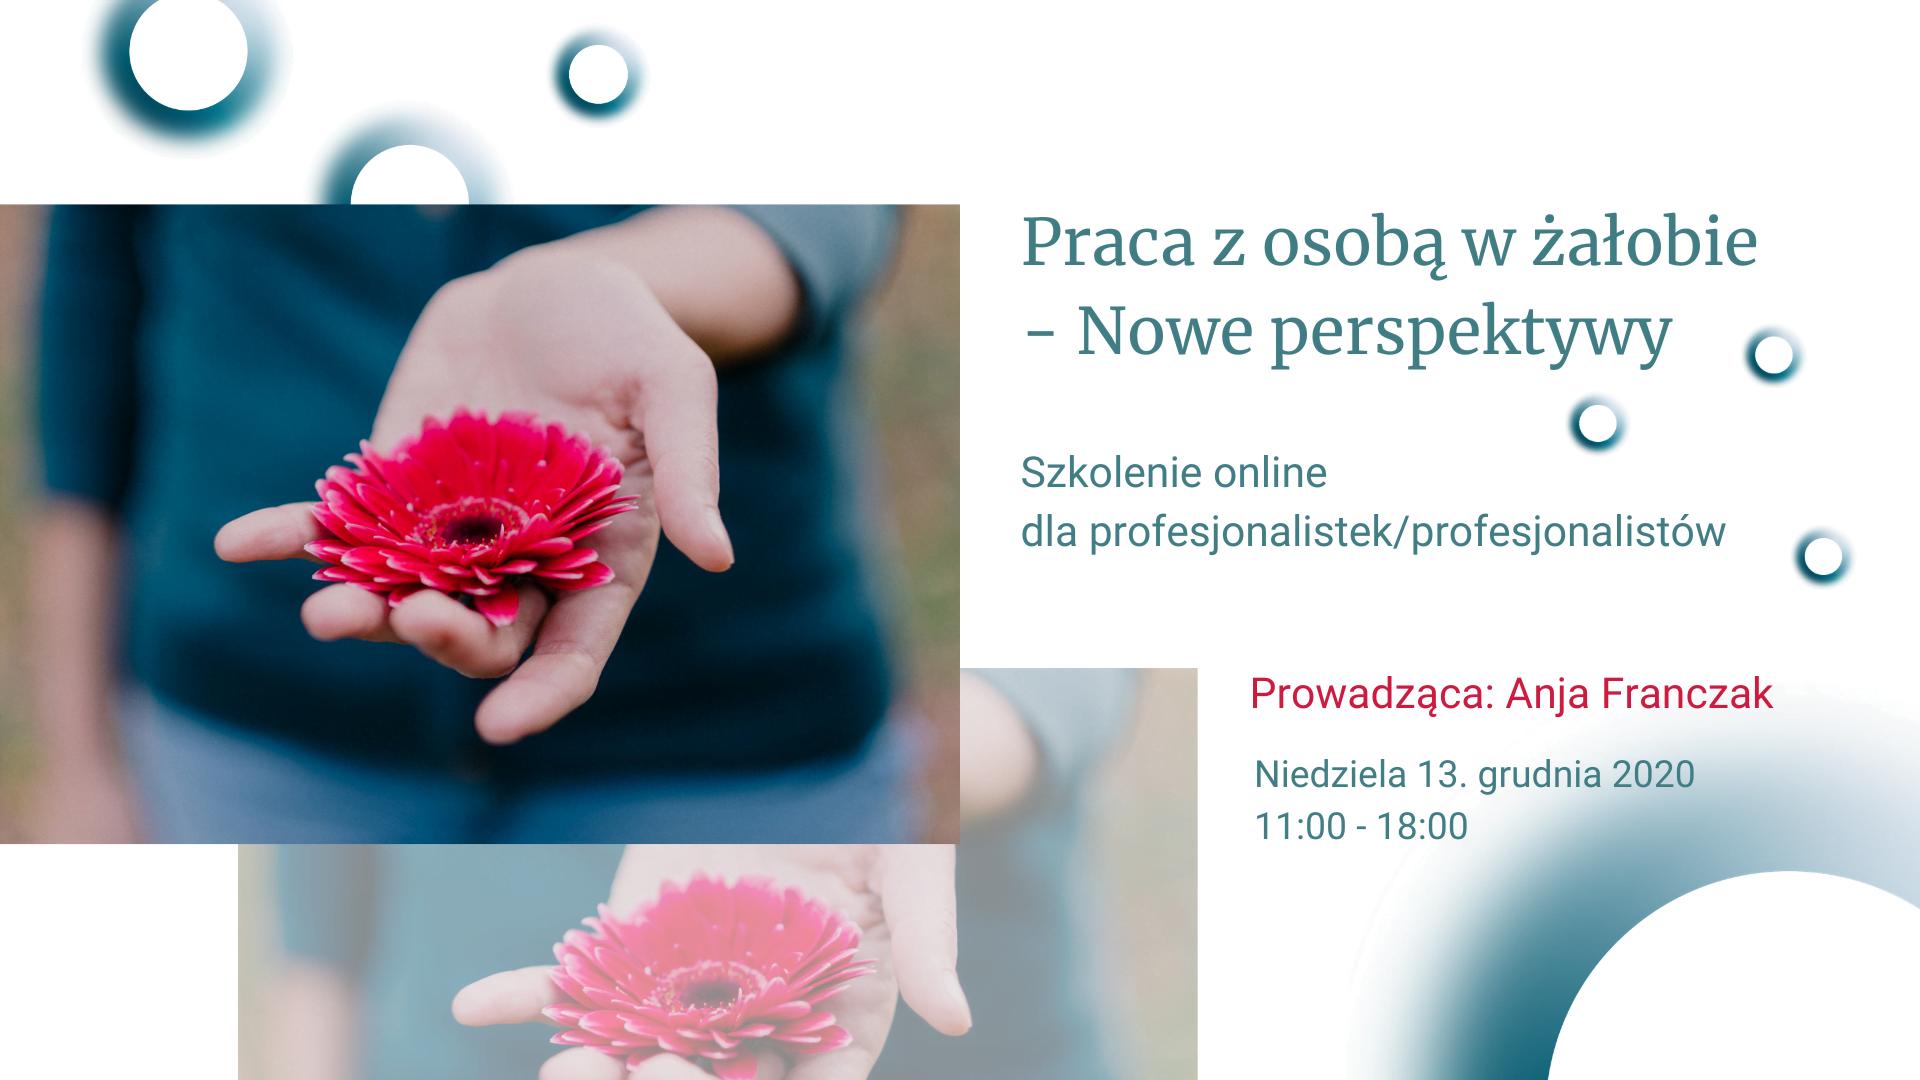 Praca z osobą w żałobie - Nowe perspektywy